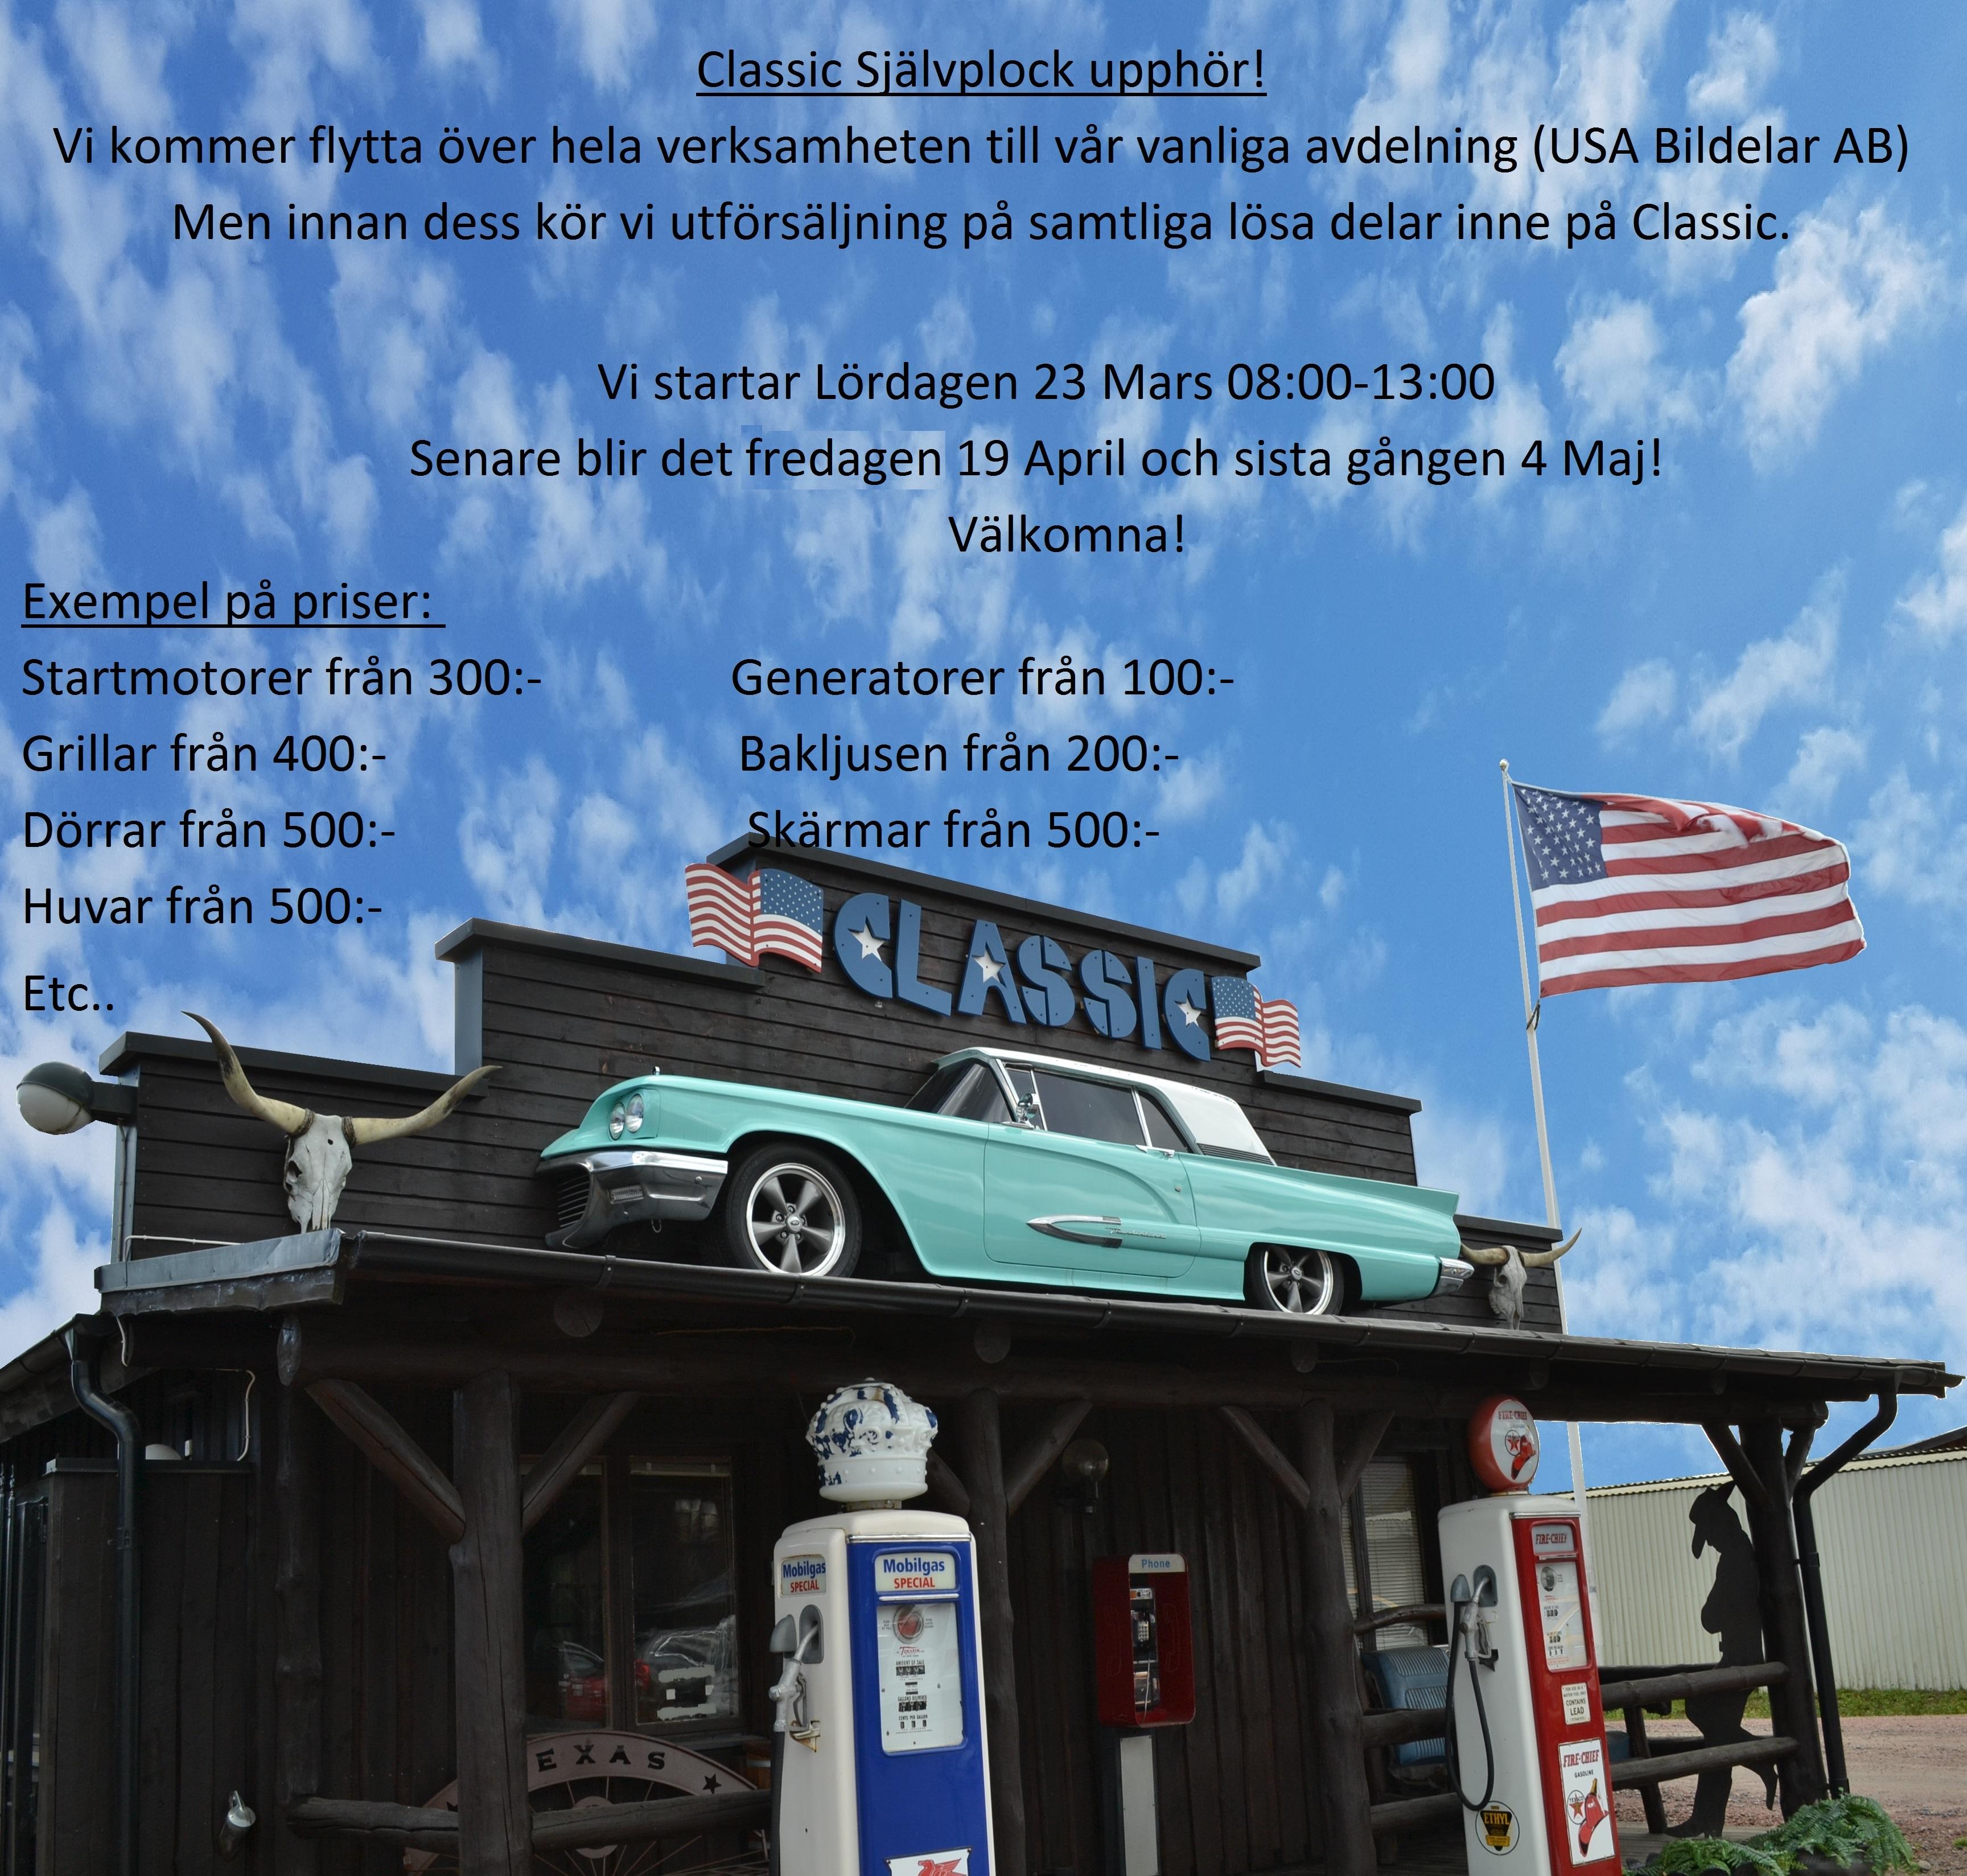 yankee cars bildelar